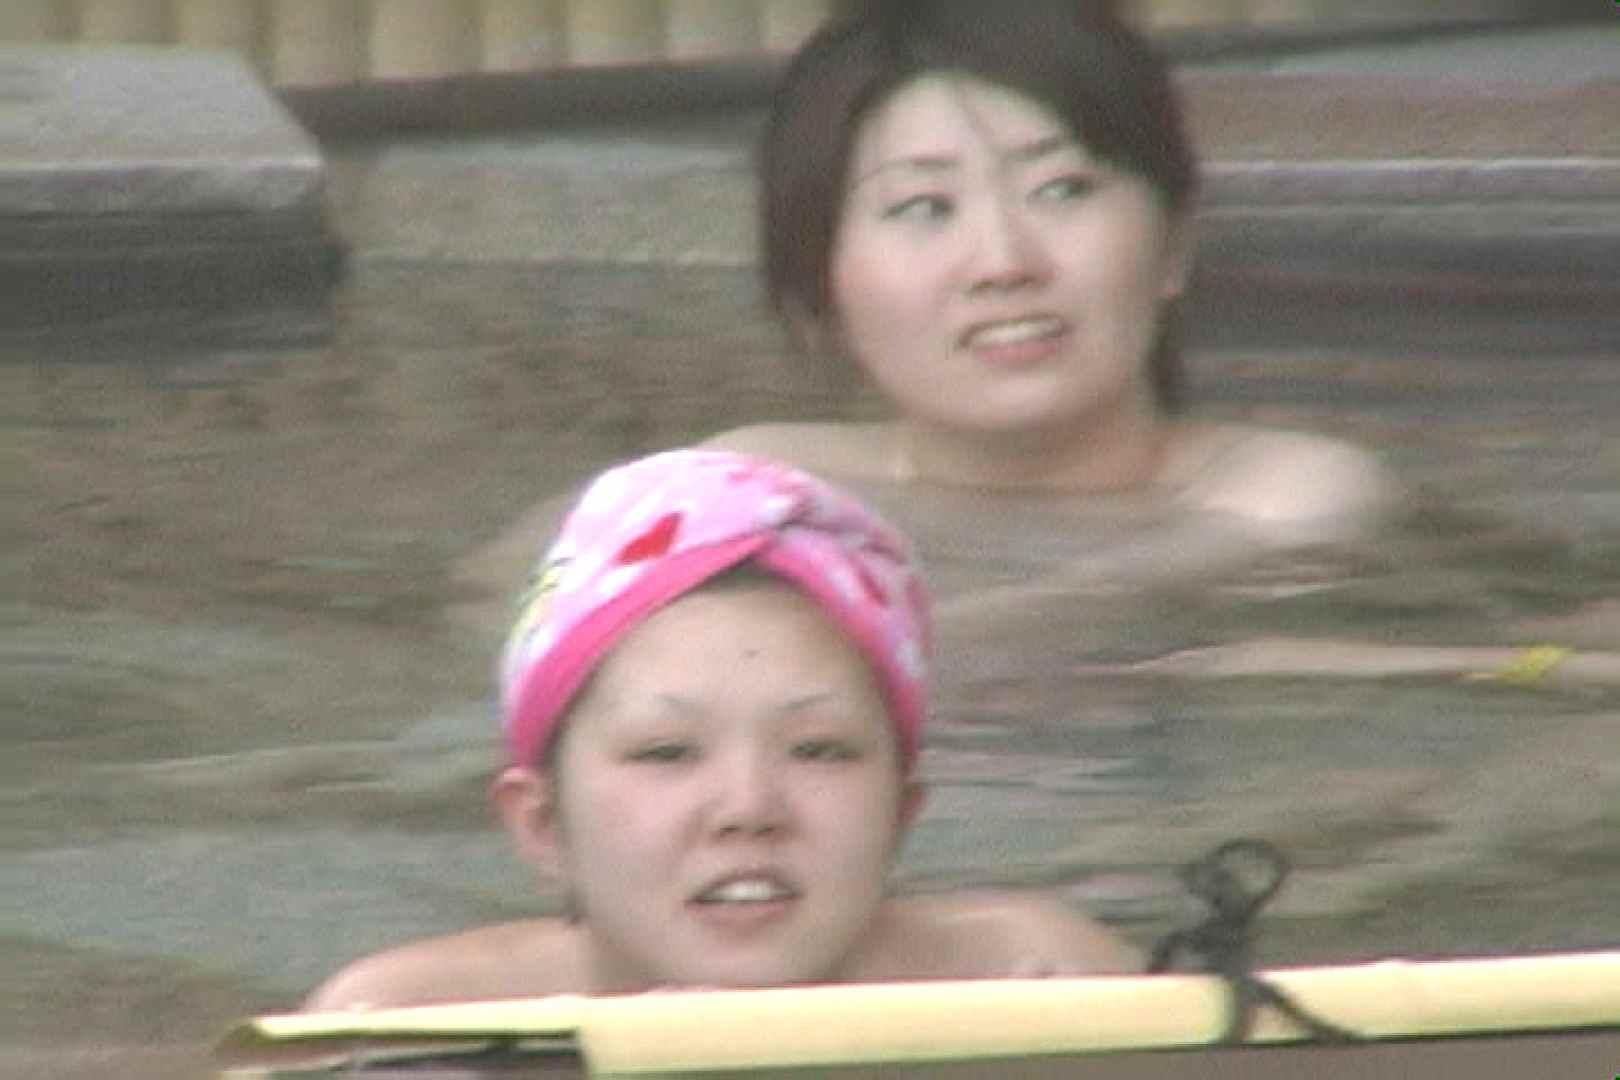 Aquaな露天風呂Vol.25 露天   盗撮特集  106画像 57